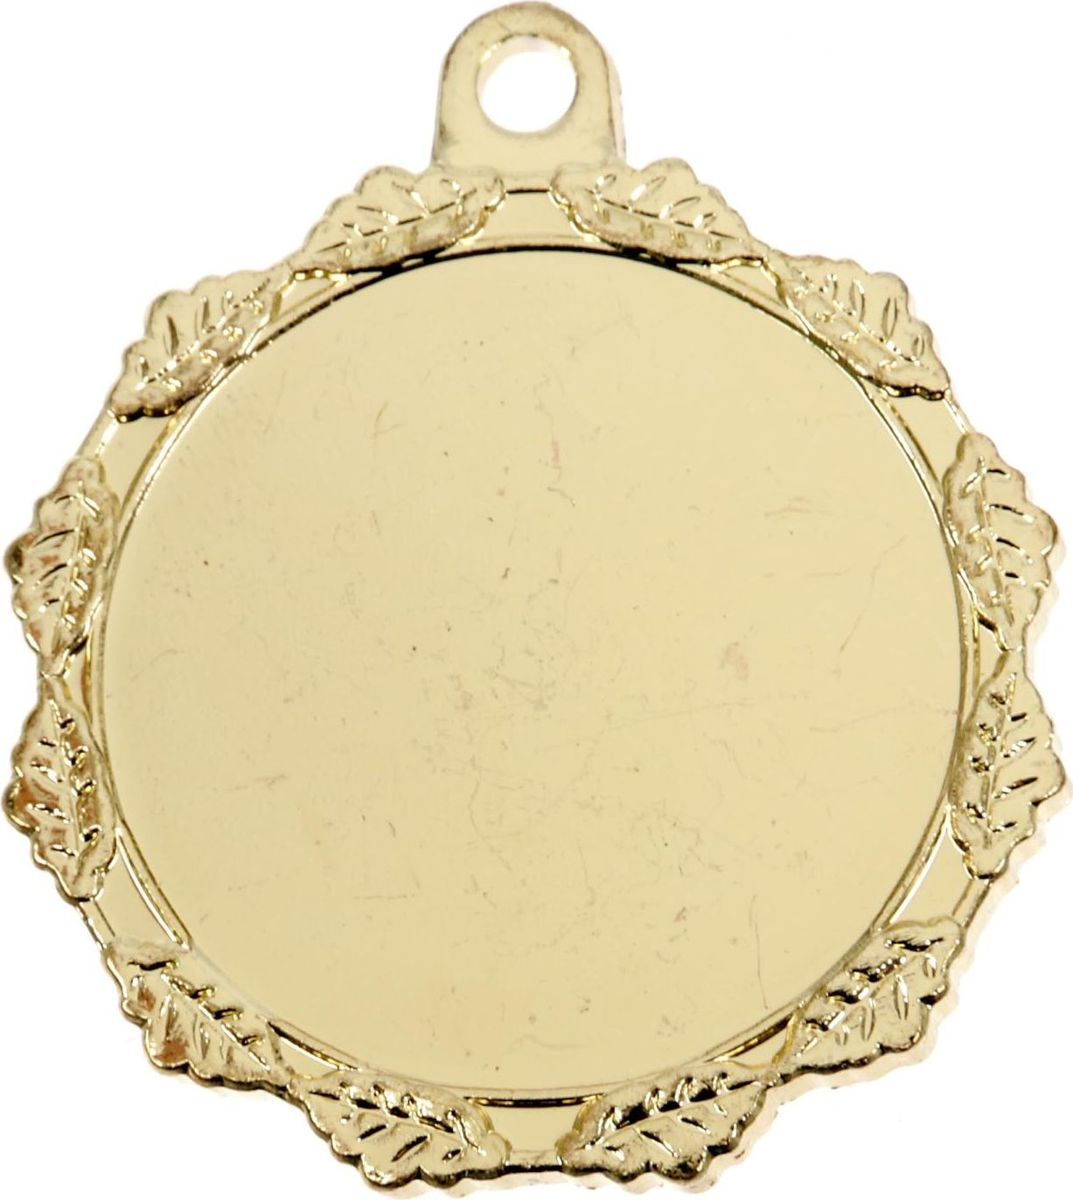 Медаль сувенирная с местом для гравировки, цвет: золотистый, диаметр 3,2 см. 0591510639Медаль вручается лишь тем, кто проявил настойчивость и волю к победе, ведь такое событие должно оставаться в памяти на долгие годы. Эта награда изготовлена из металла и украшена стильным орнаментом. Характеристики:Диаметр медали: 3,2 см Диаметр вкладыша (лицо): 2,5 см Диаметр вкладыша (оборот): 2,7 см.